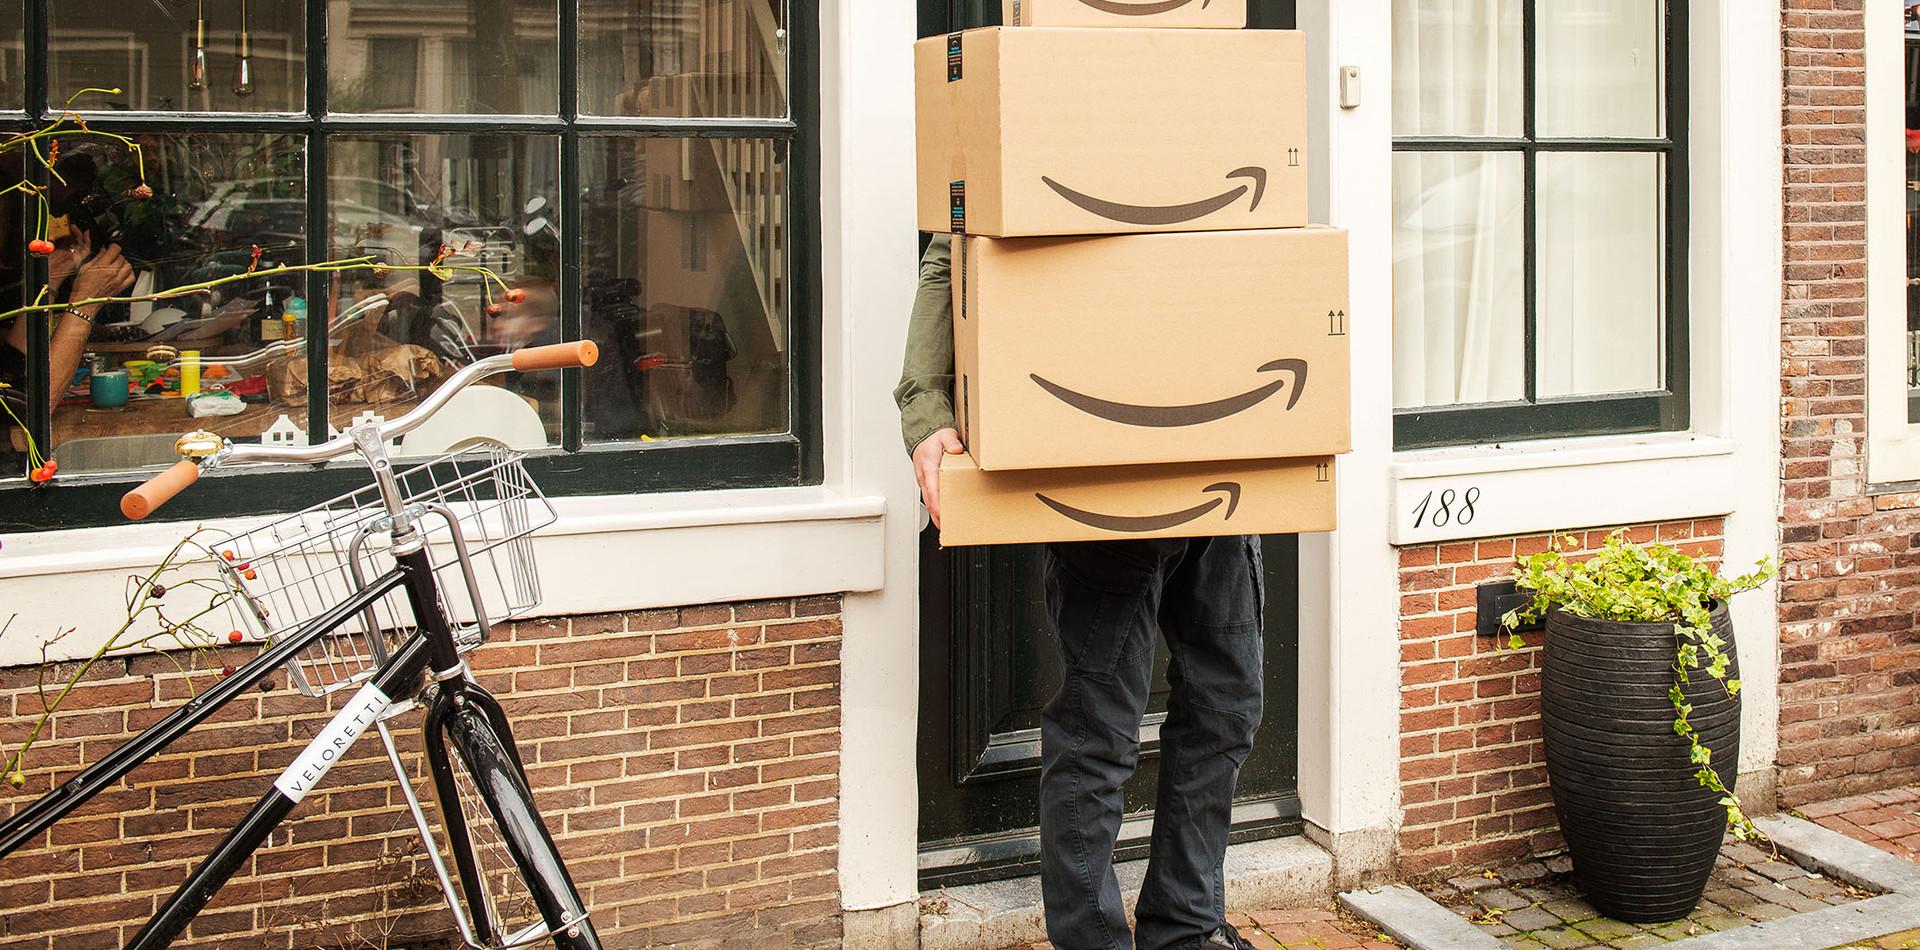 Amazon_NL_dsc_0280_LR.jpg